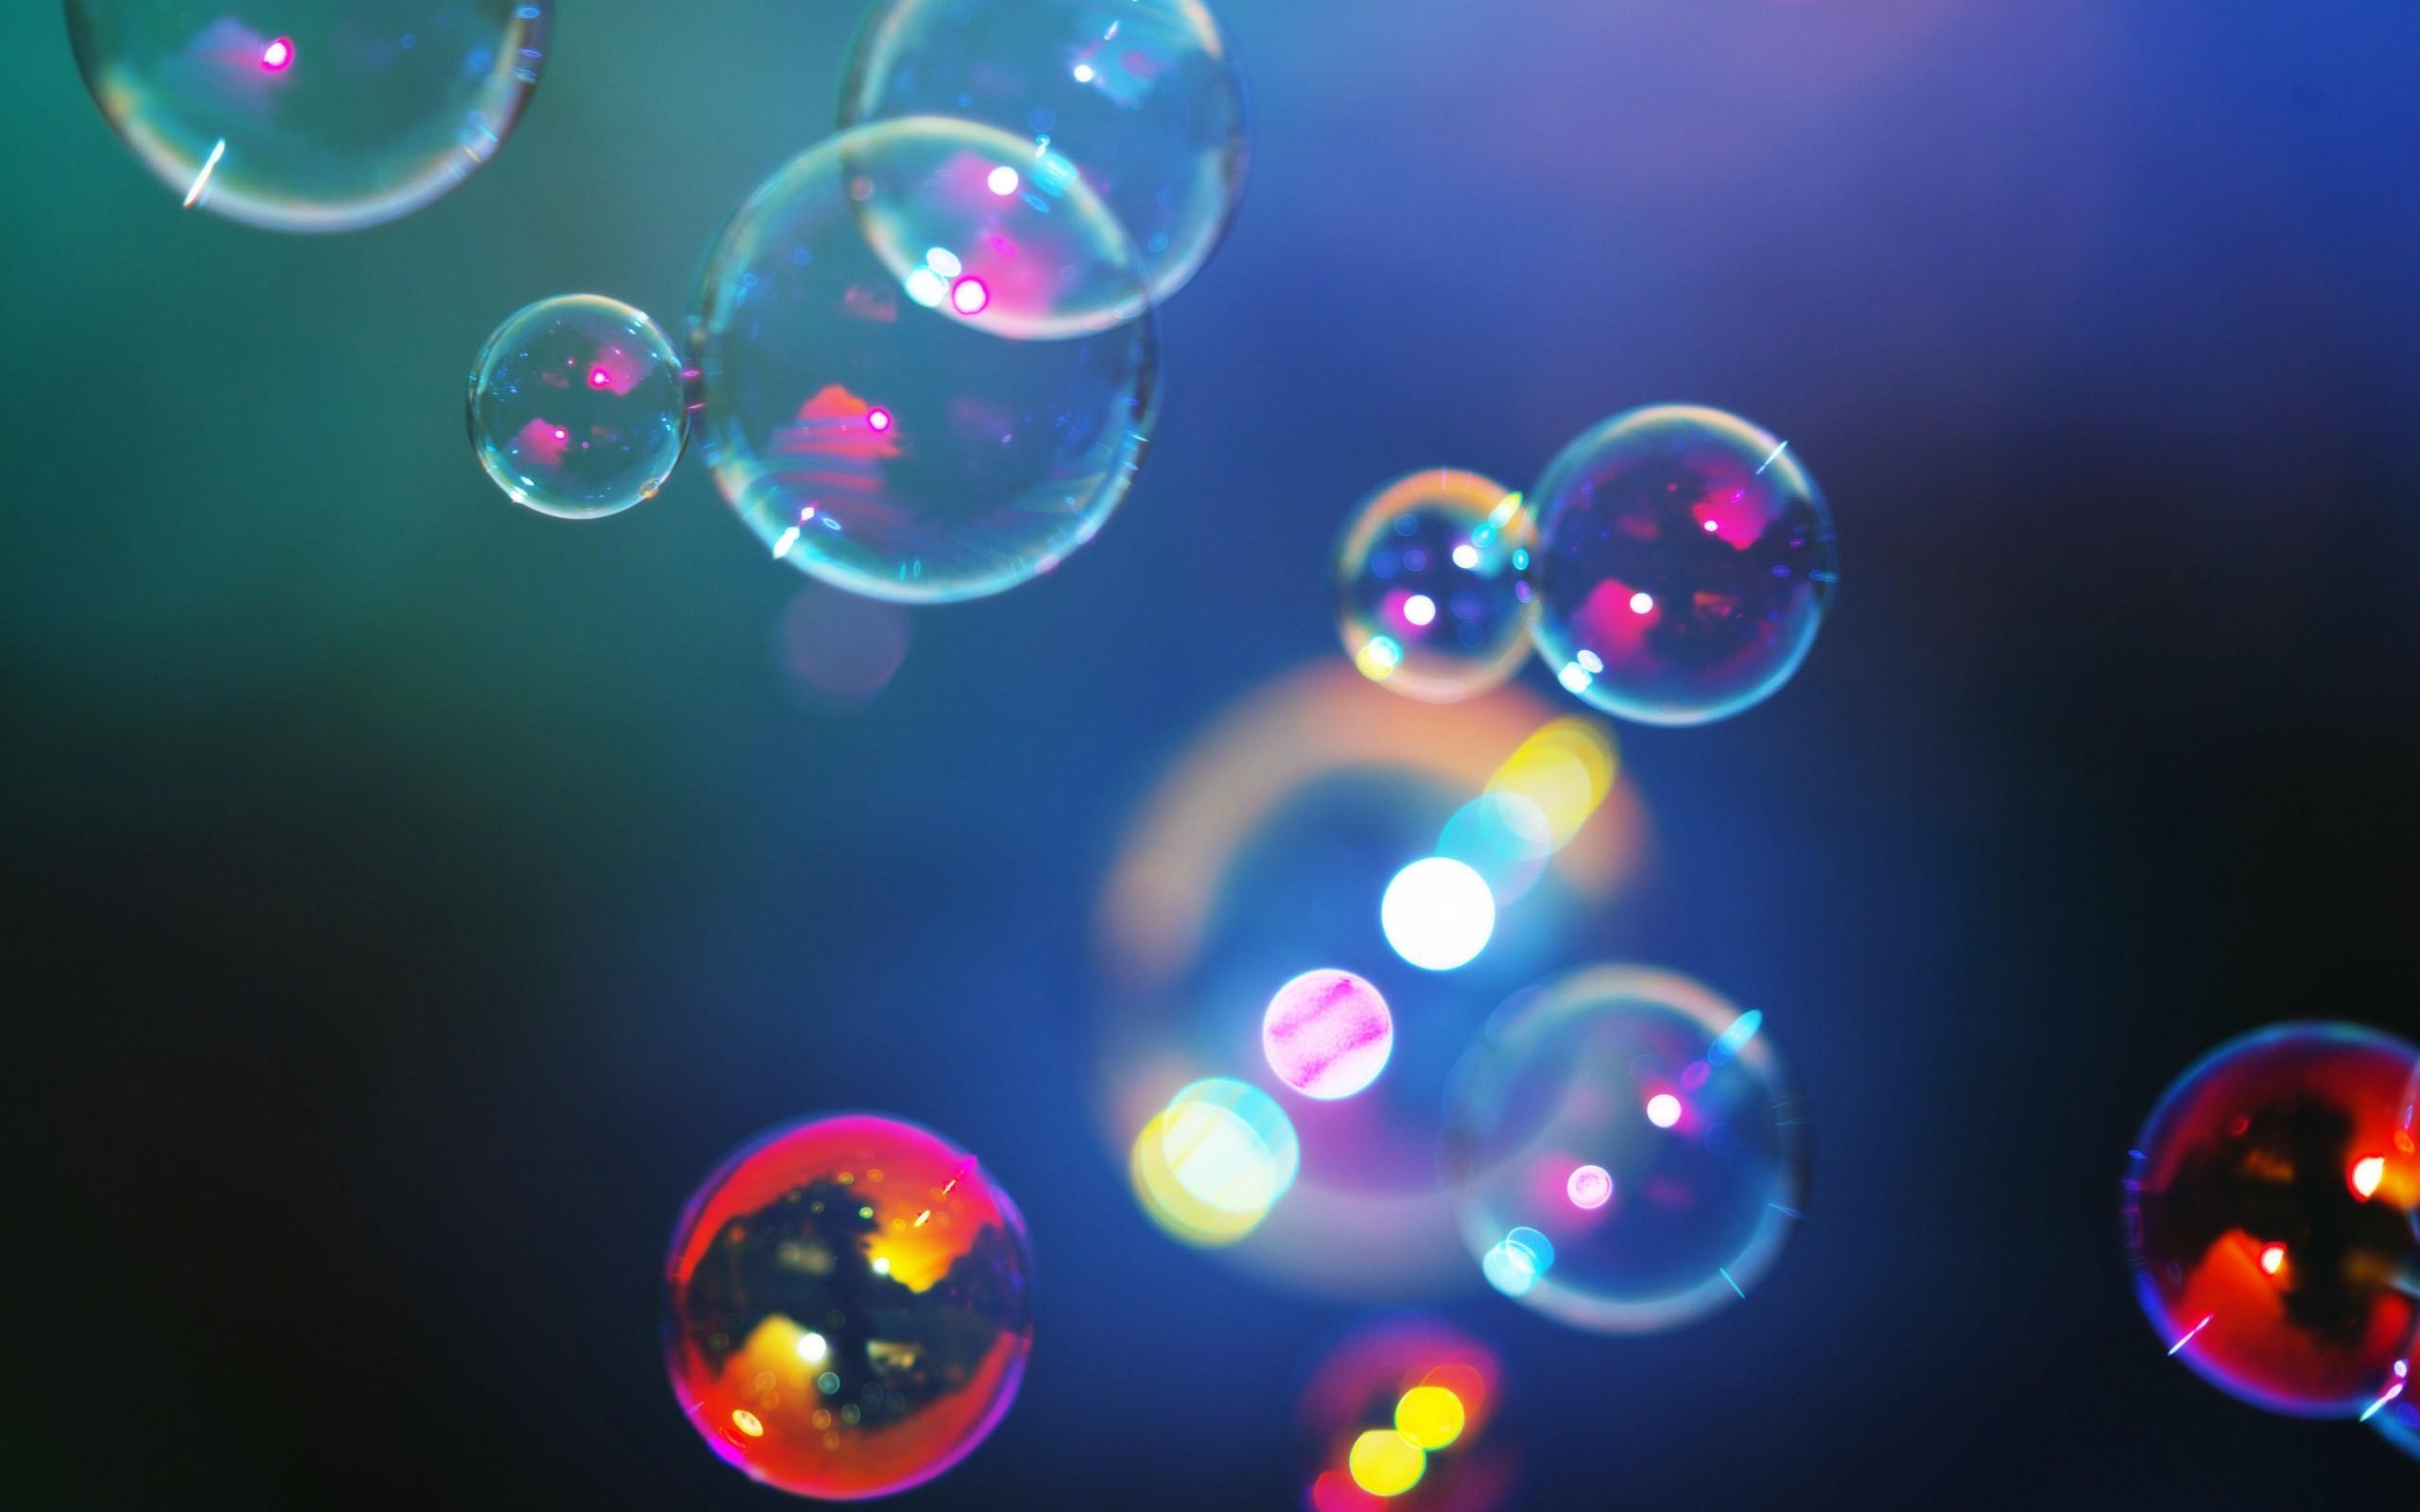 3d colorful bubbles backgrounds MEMEs 2560x1600